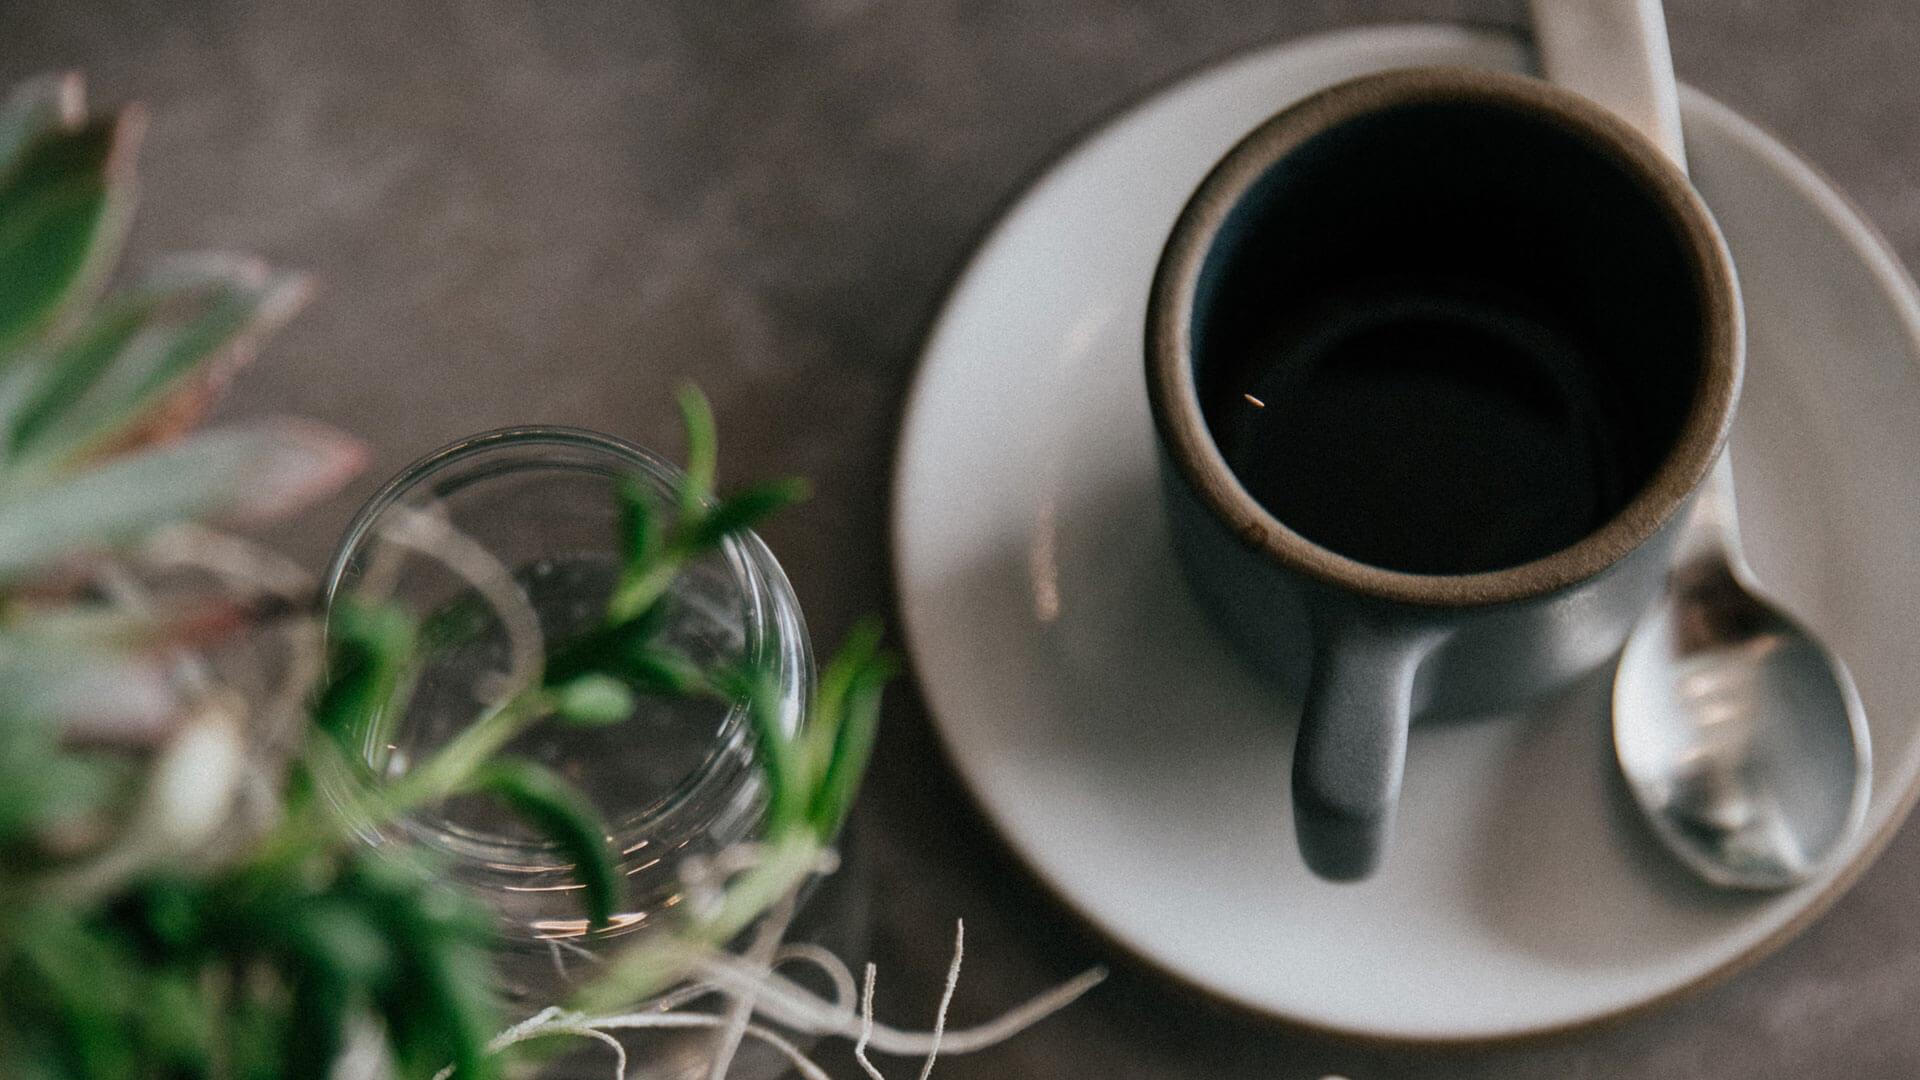 kopi-luwak-kahvesi-hakkinda-sorular